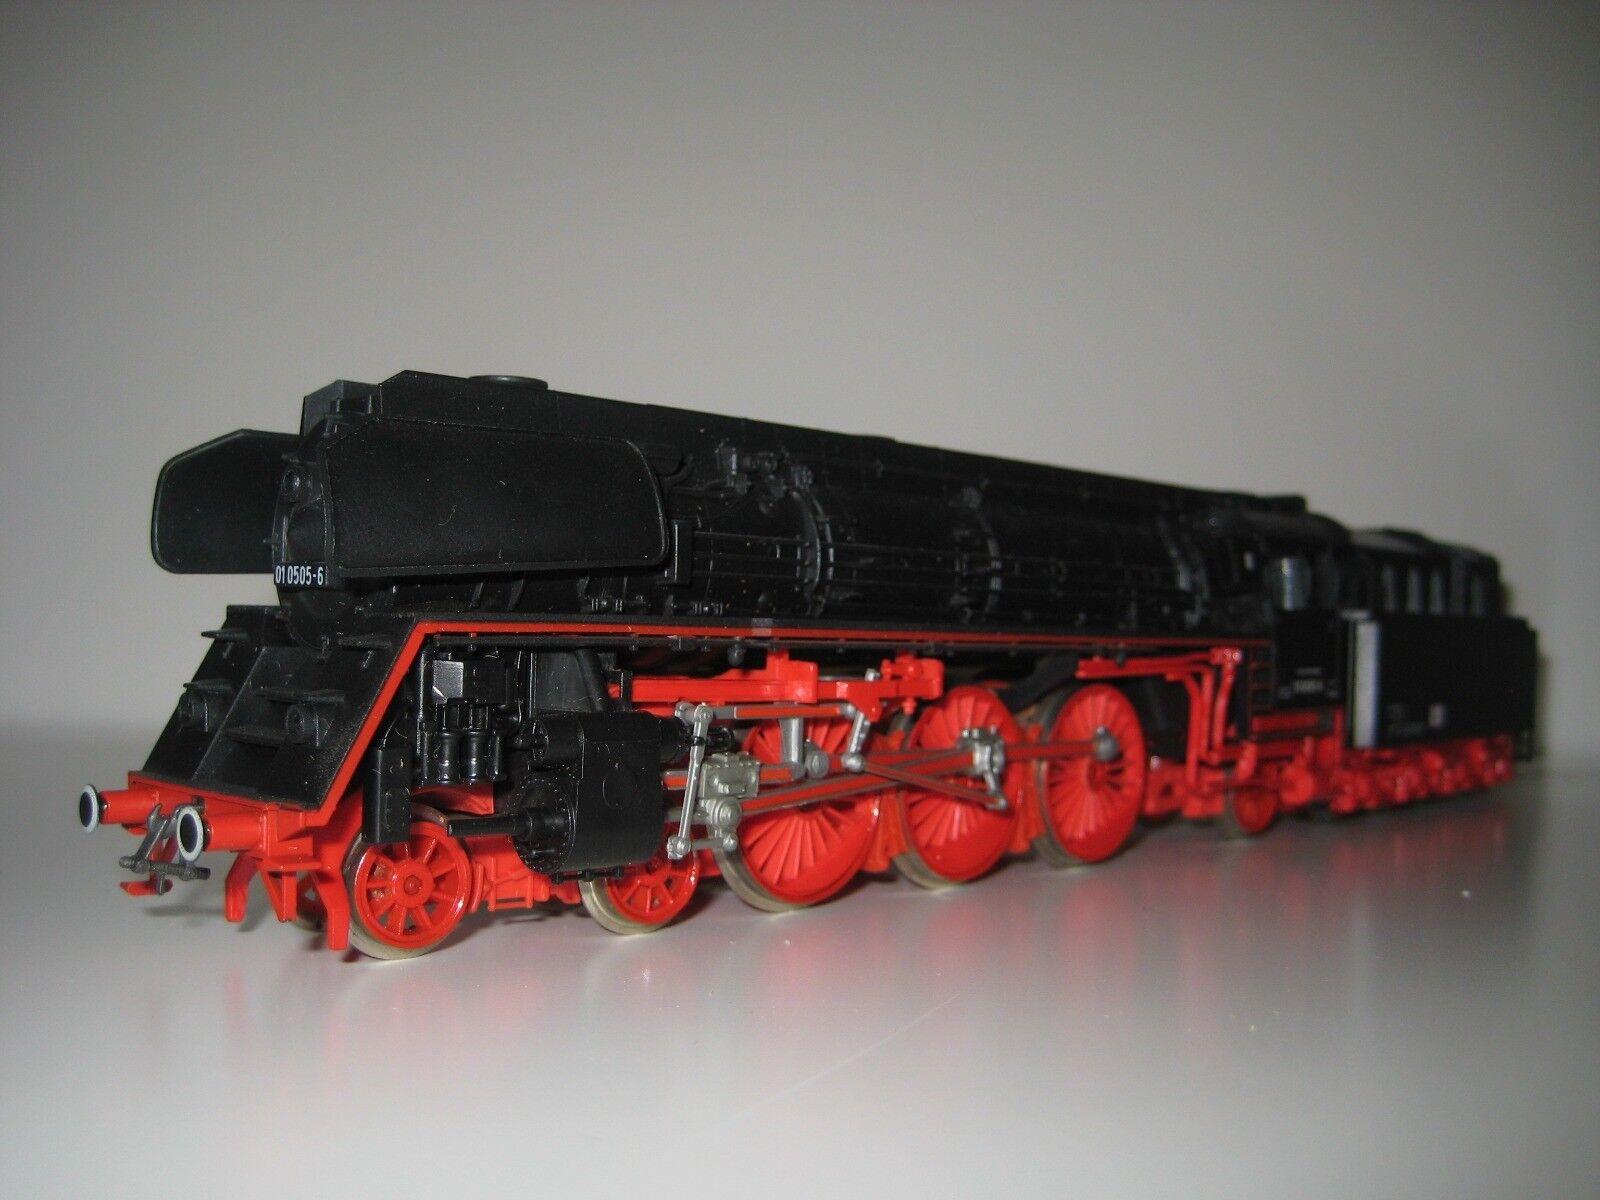 Piko H0 5 6325 - Locomotora BR 01 0505-6 DRG